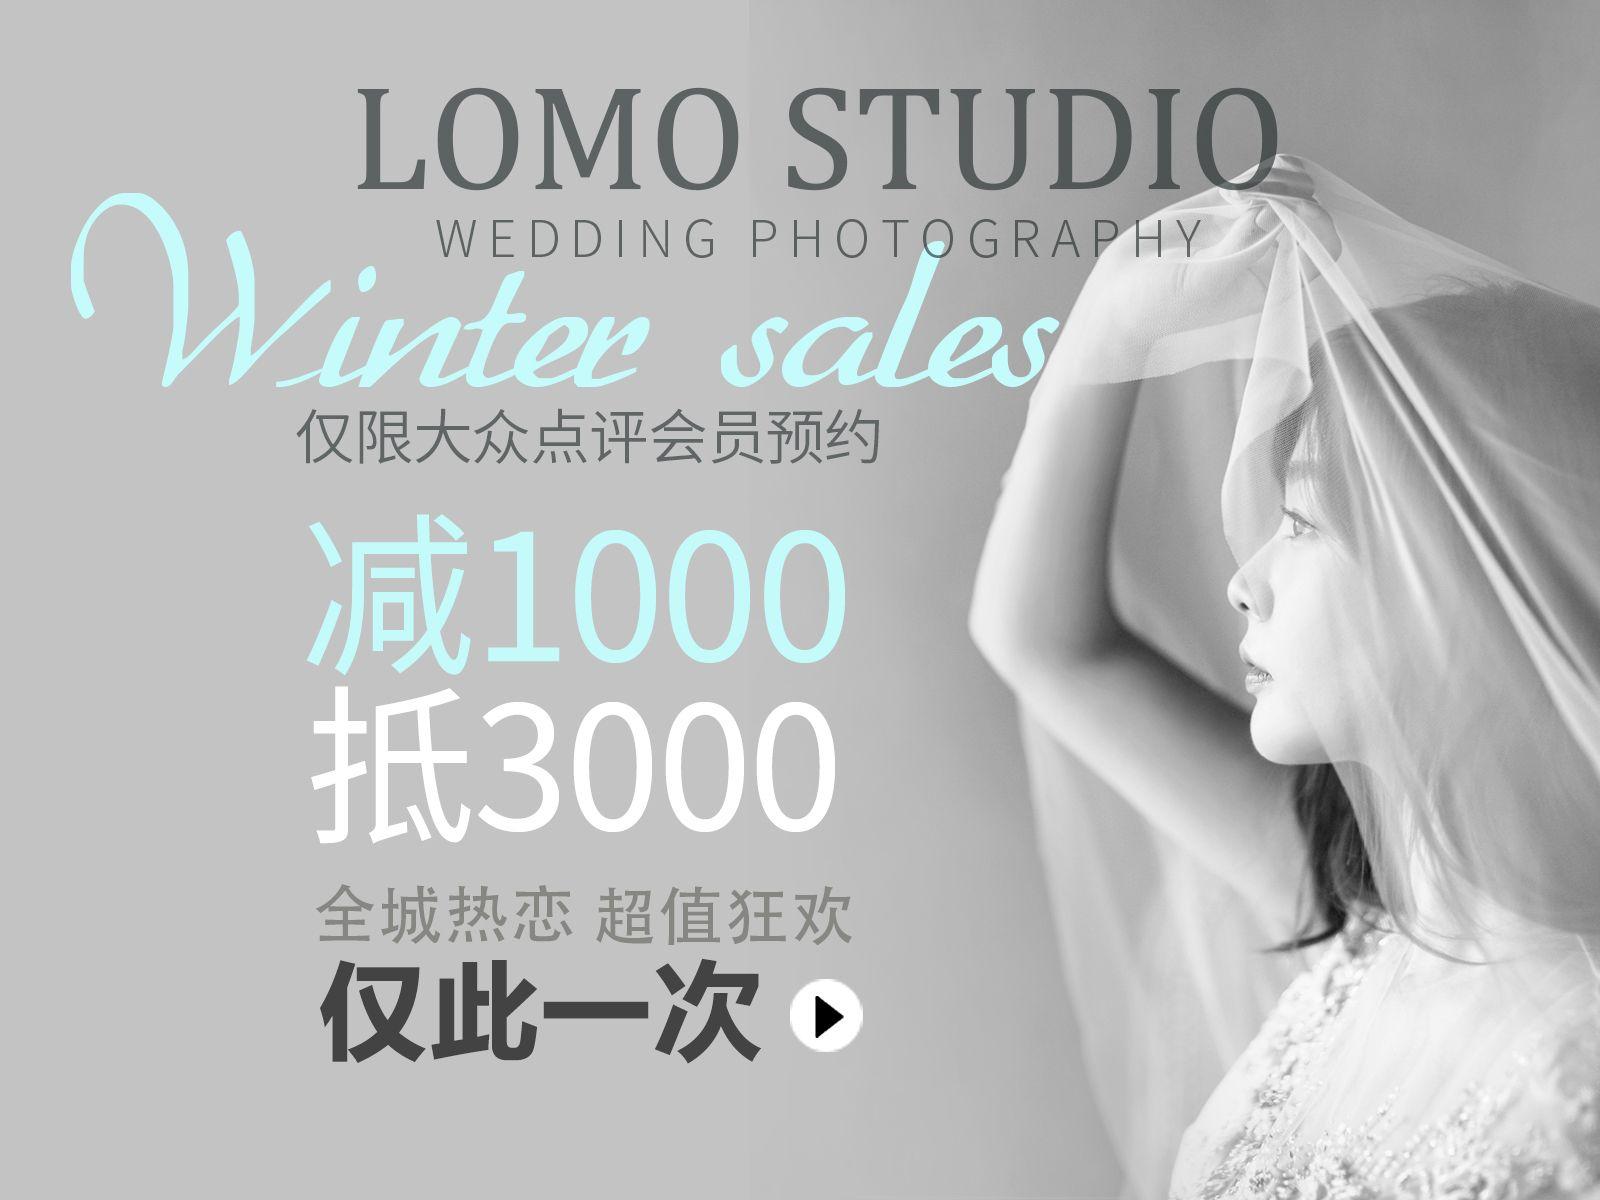 拉玛摄影 LOMO STUDIO